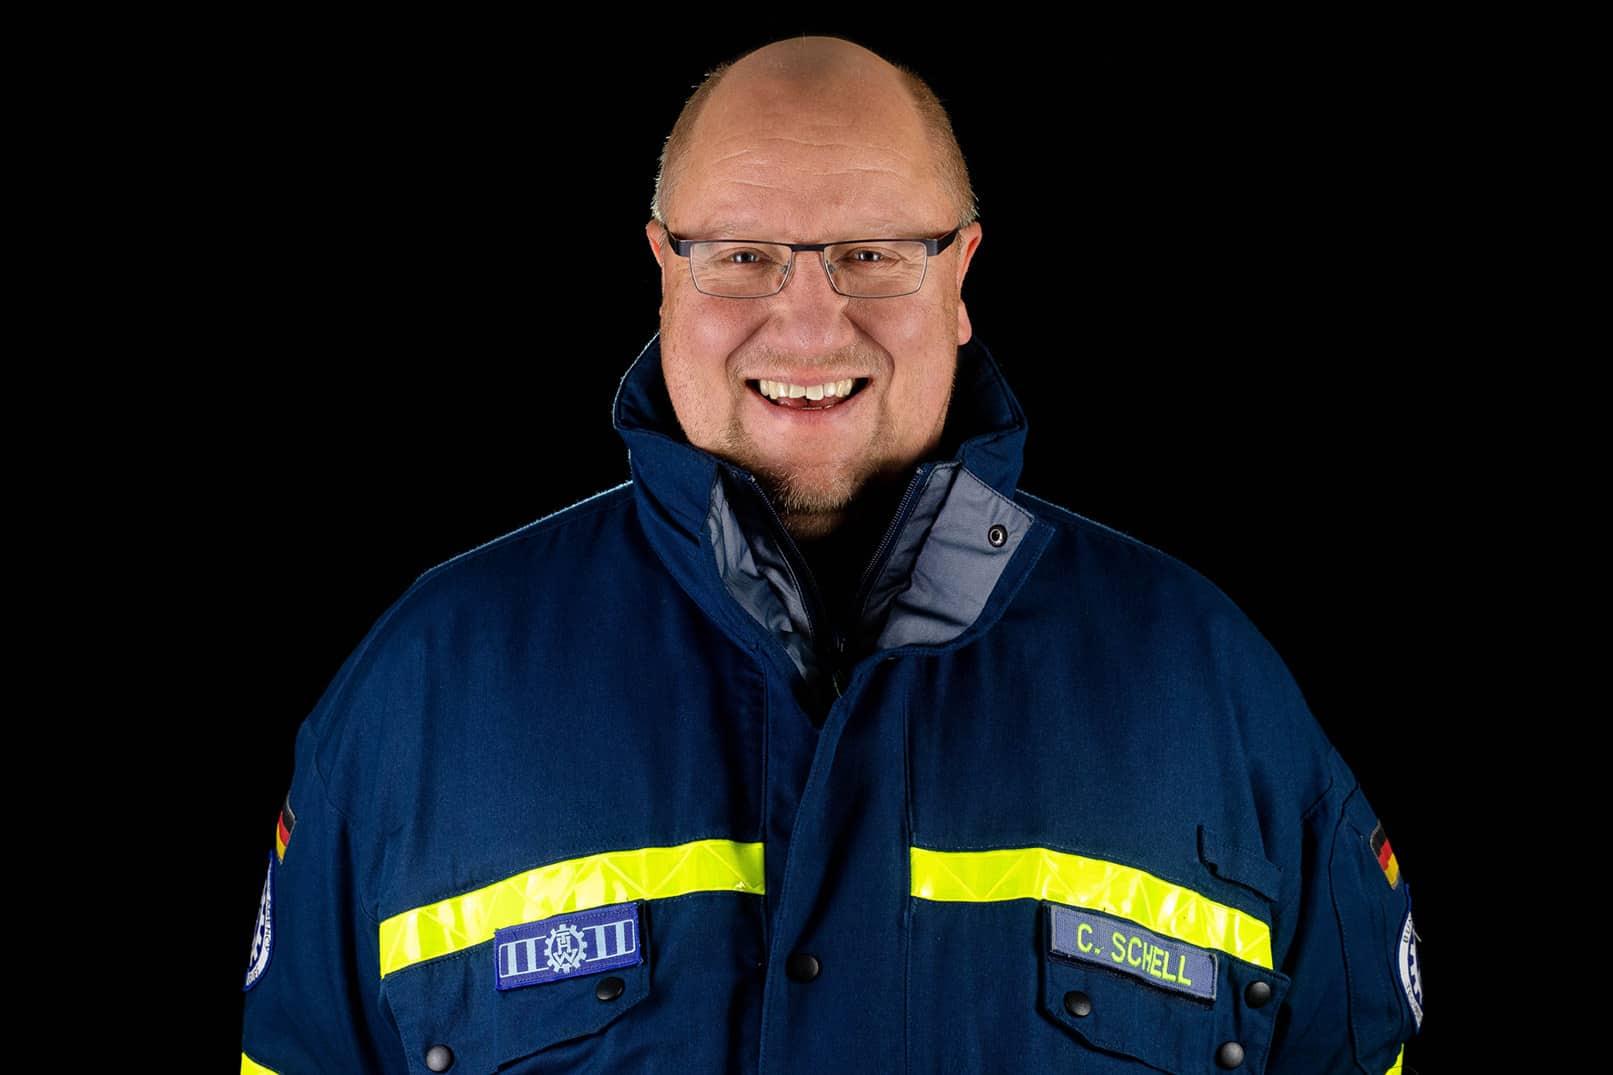 Carl Schell